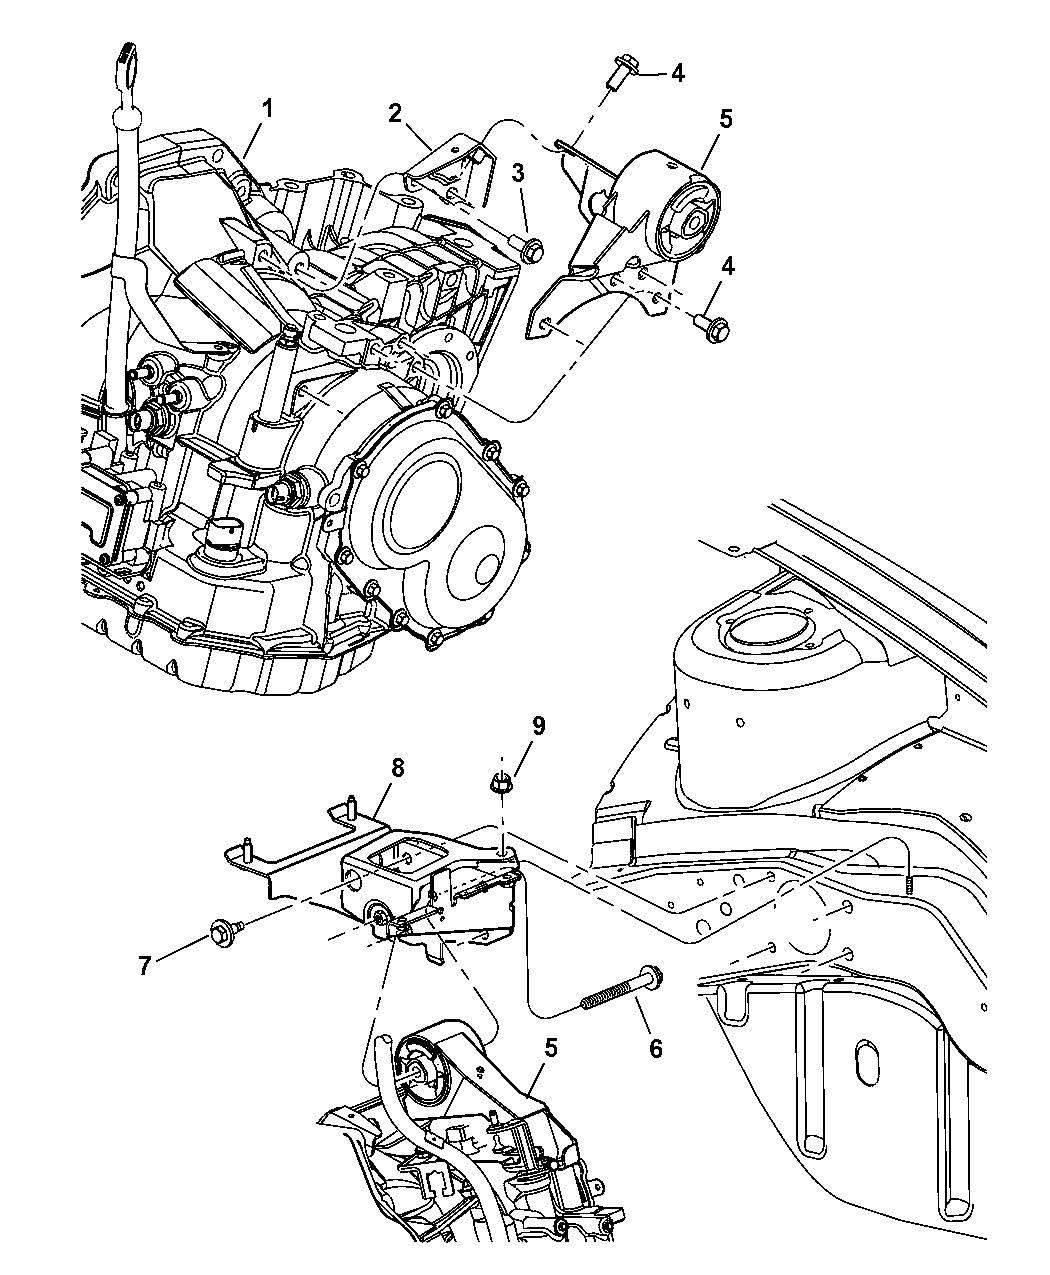 mopar 5274952aa 2005 Dodge Neon Engine Parts Diagram dodge neon parts diagram all diagram